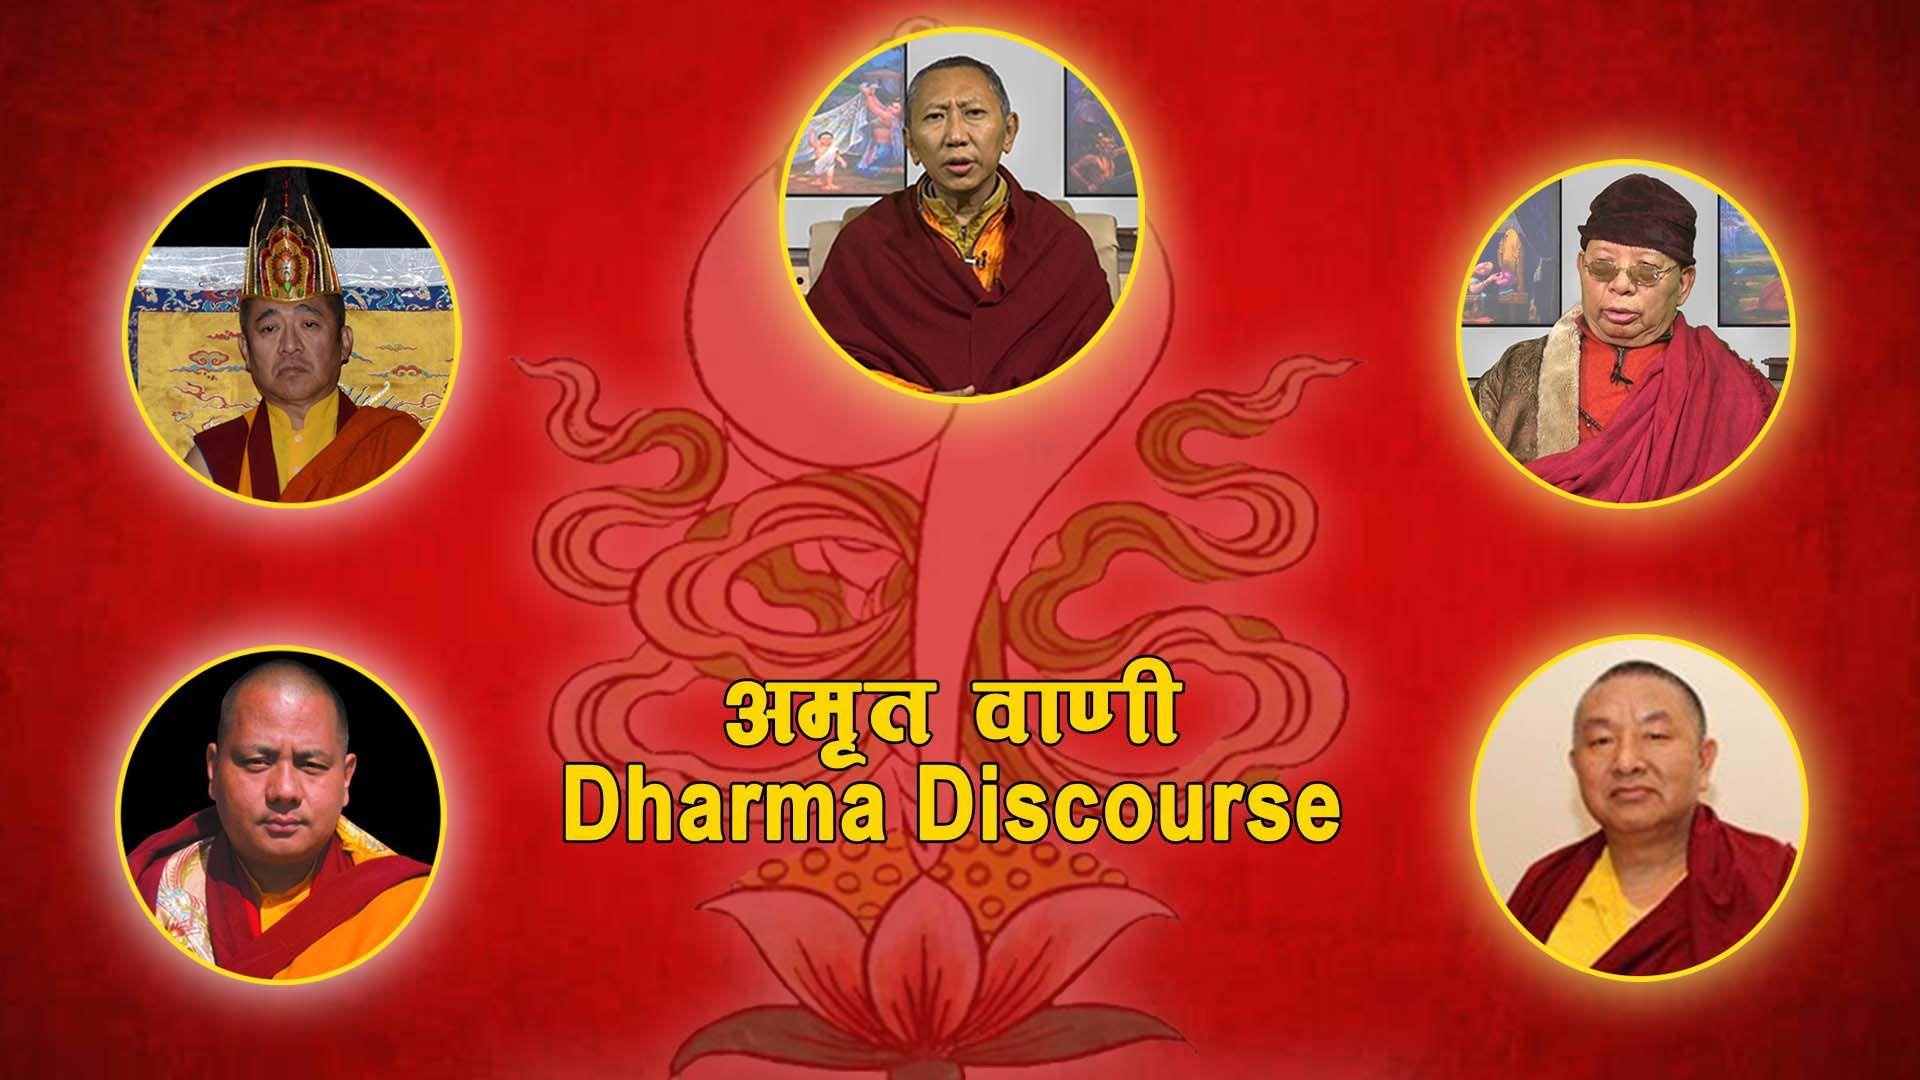 Dharma Discourse